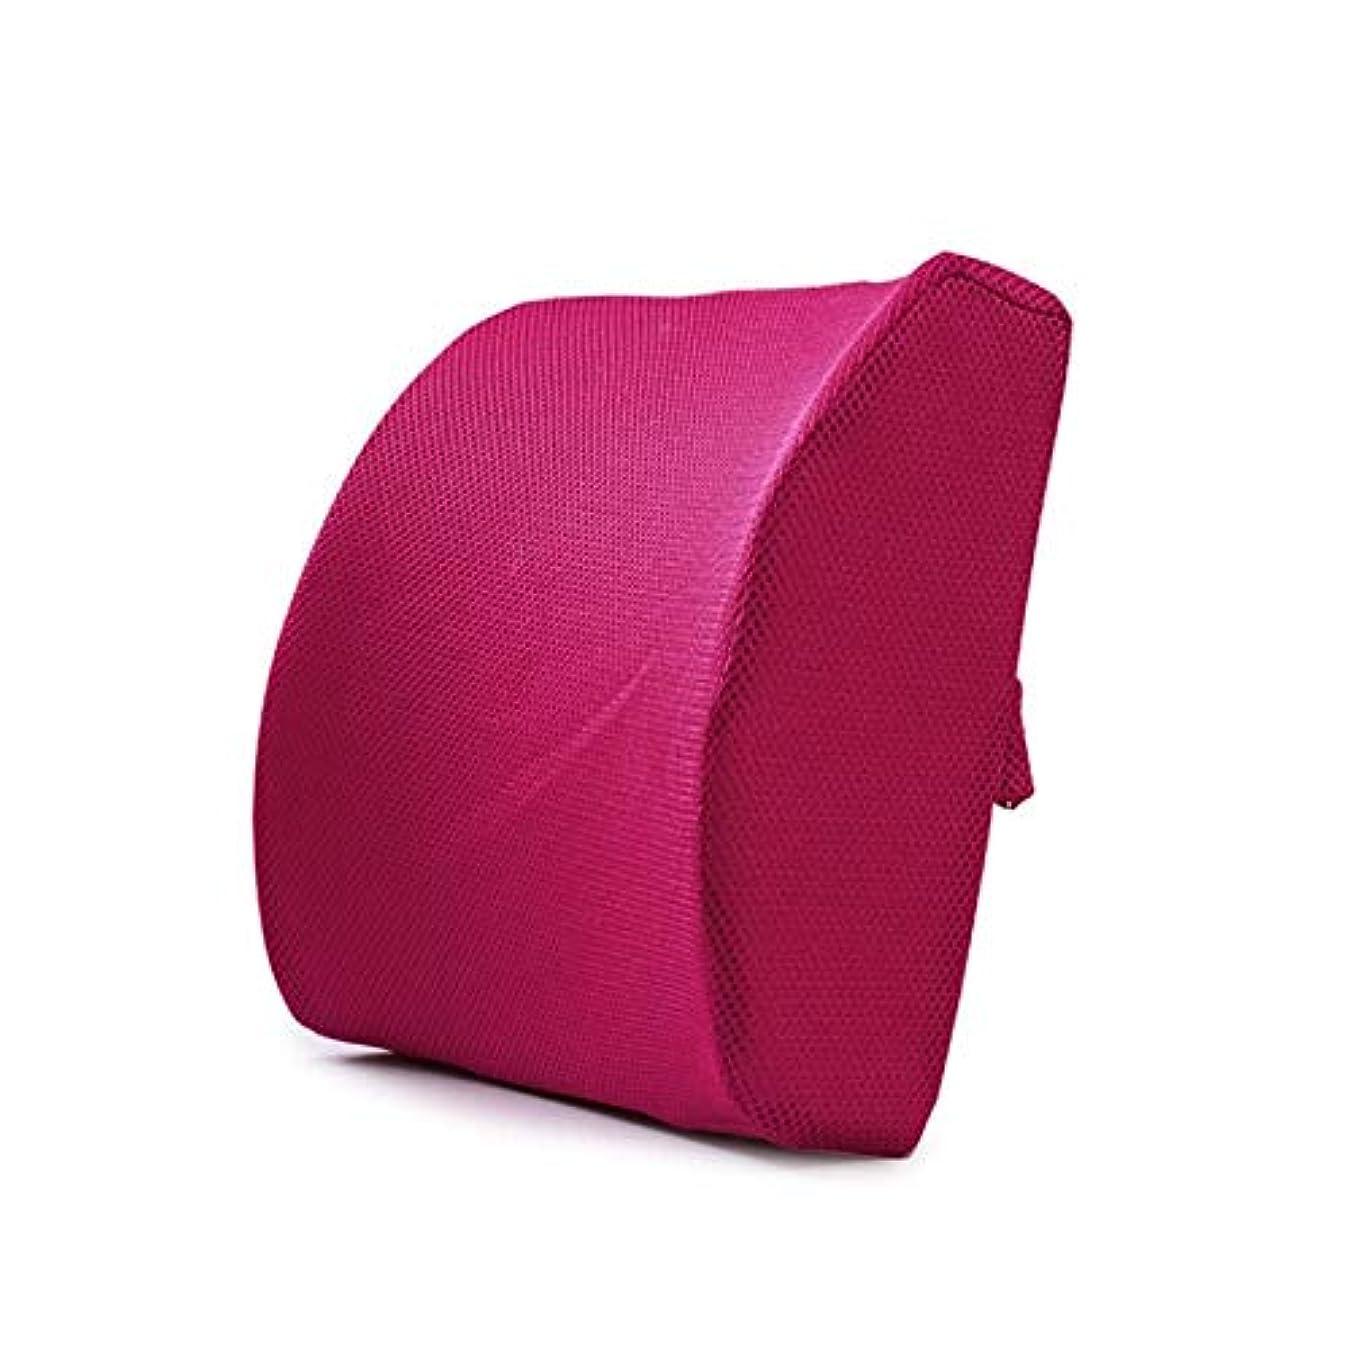 あるアマゾンジャングル彼LIFE ホームオフィス背もたれ椅子腰椎クッションカーシートネック枕 3D 低反発サポートバックマッサージウエストレスリビング枕 クッション 椅子